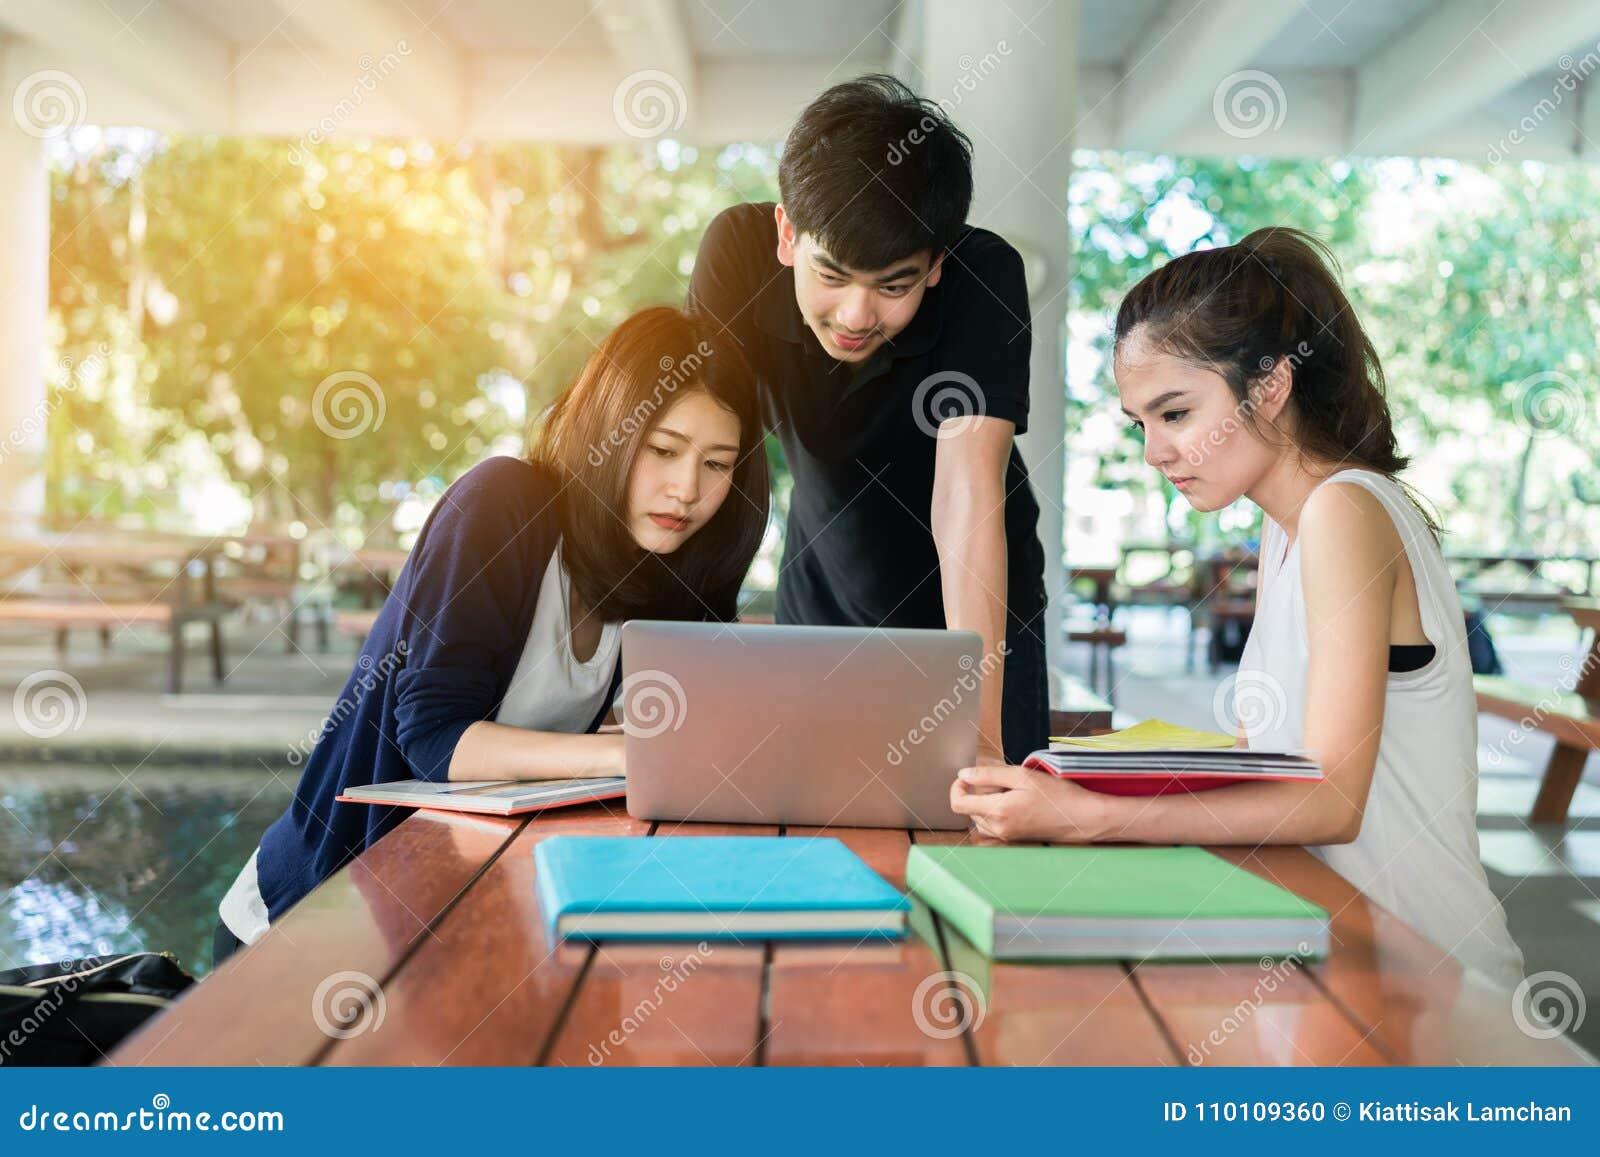 Junge Studentengruppe beraten sich mit Schulordnern, Laptop-Computer